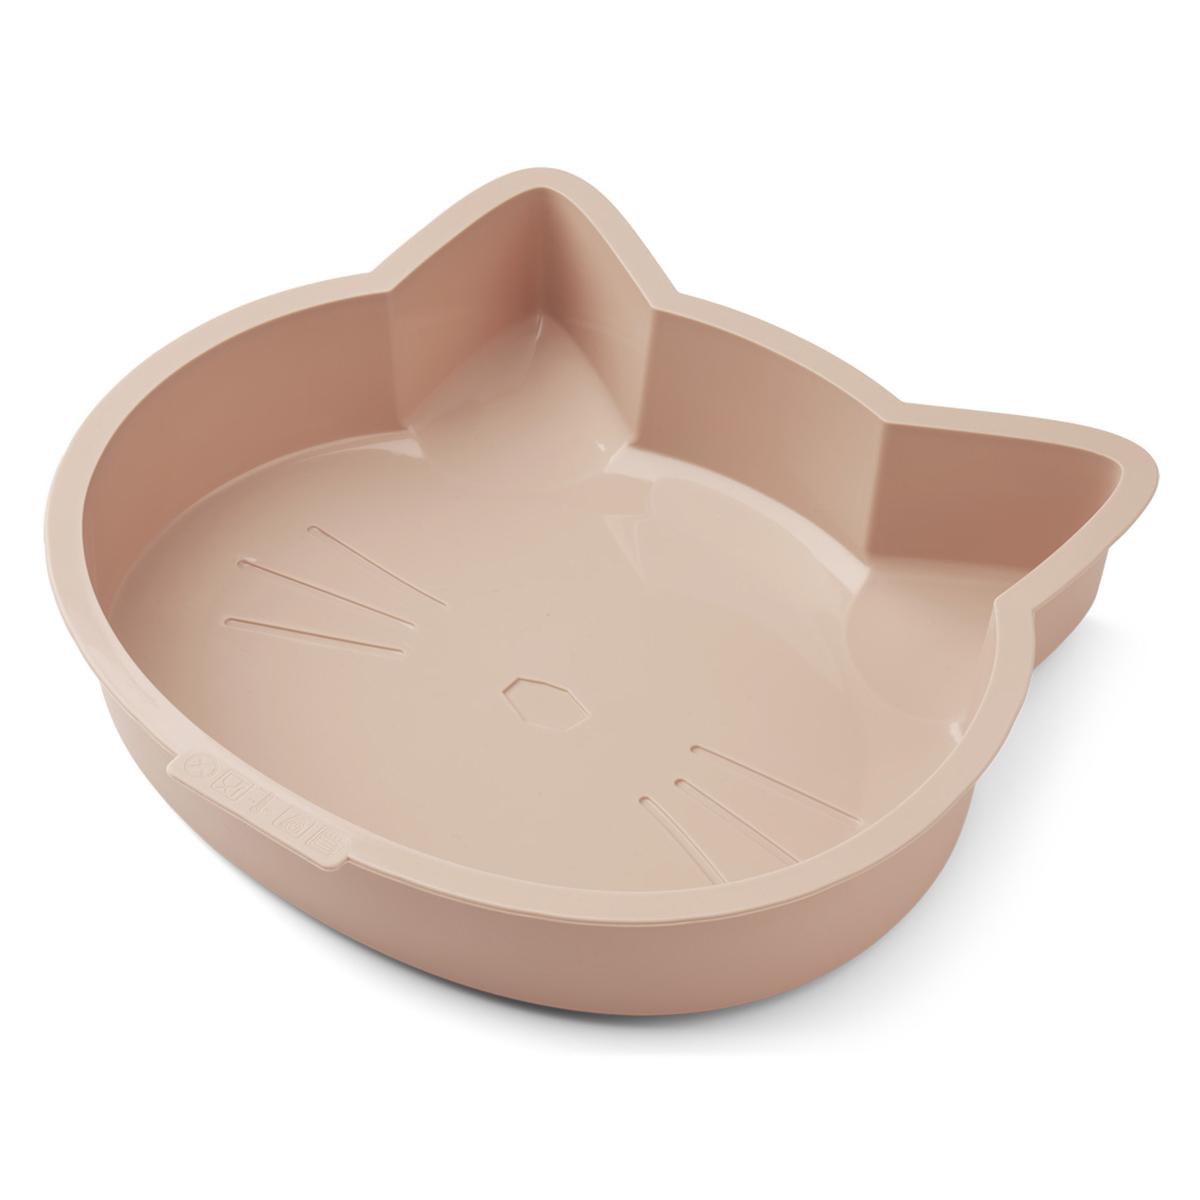 Vaisselle & Couvert Moule à Gâteau Amory - Cat Rose Moule à Gâteau Amory - Cat Rose